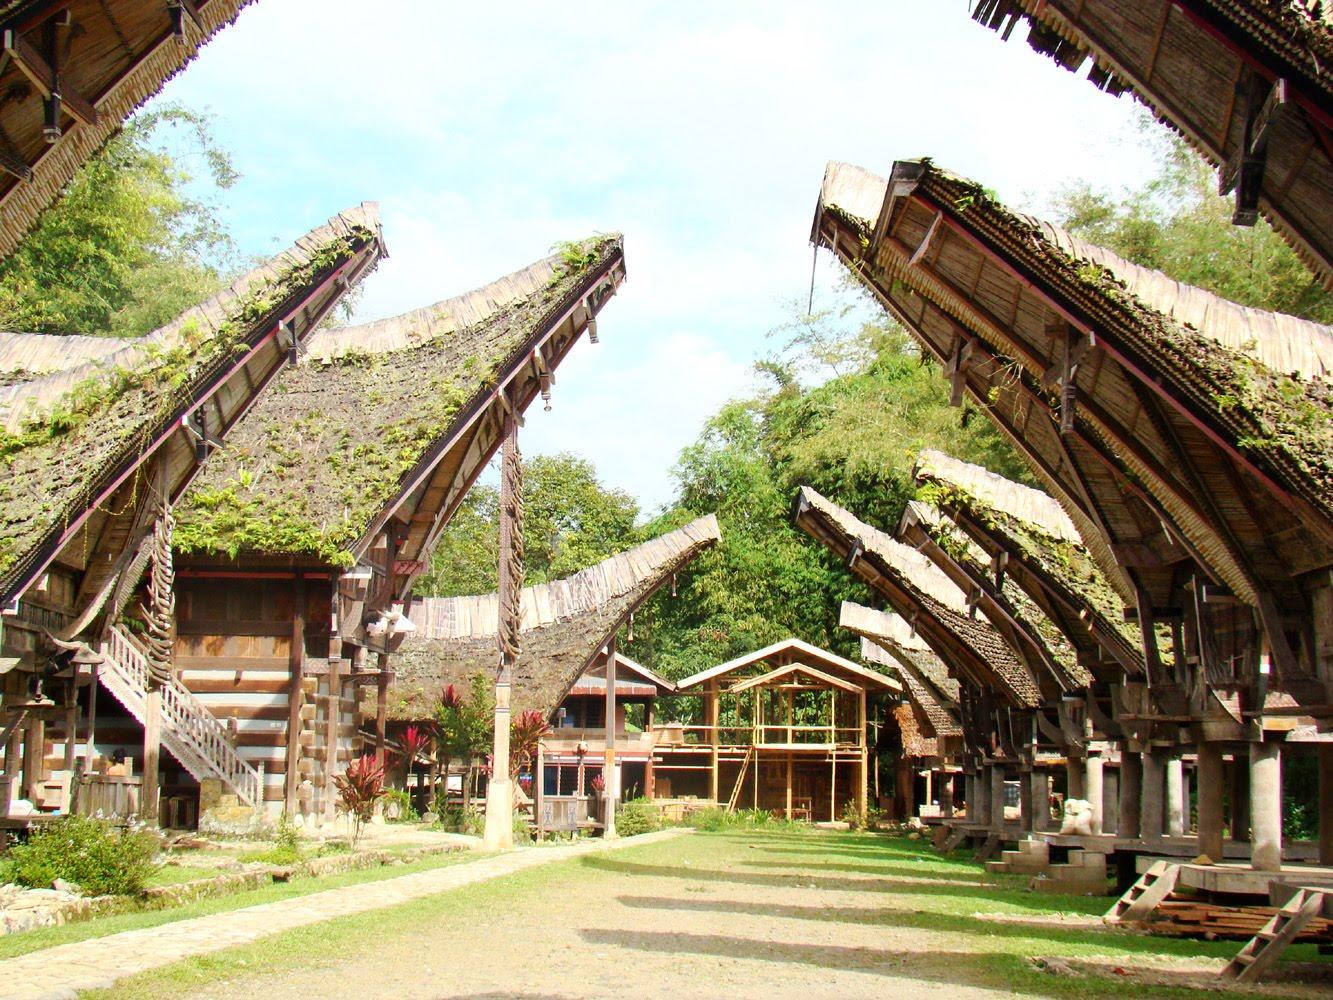 Download this Rumah Tongkonan Tana Toraja picture